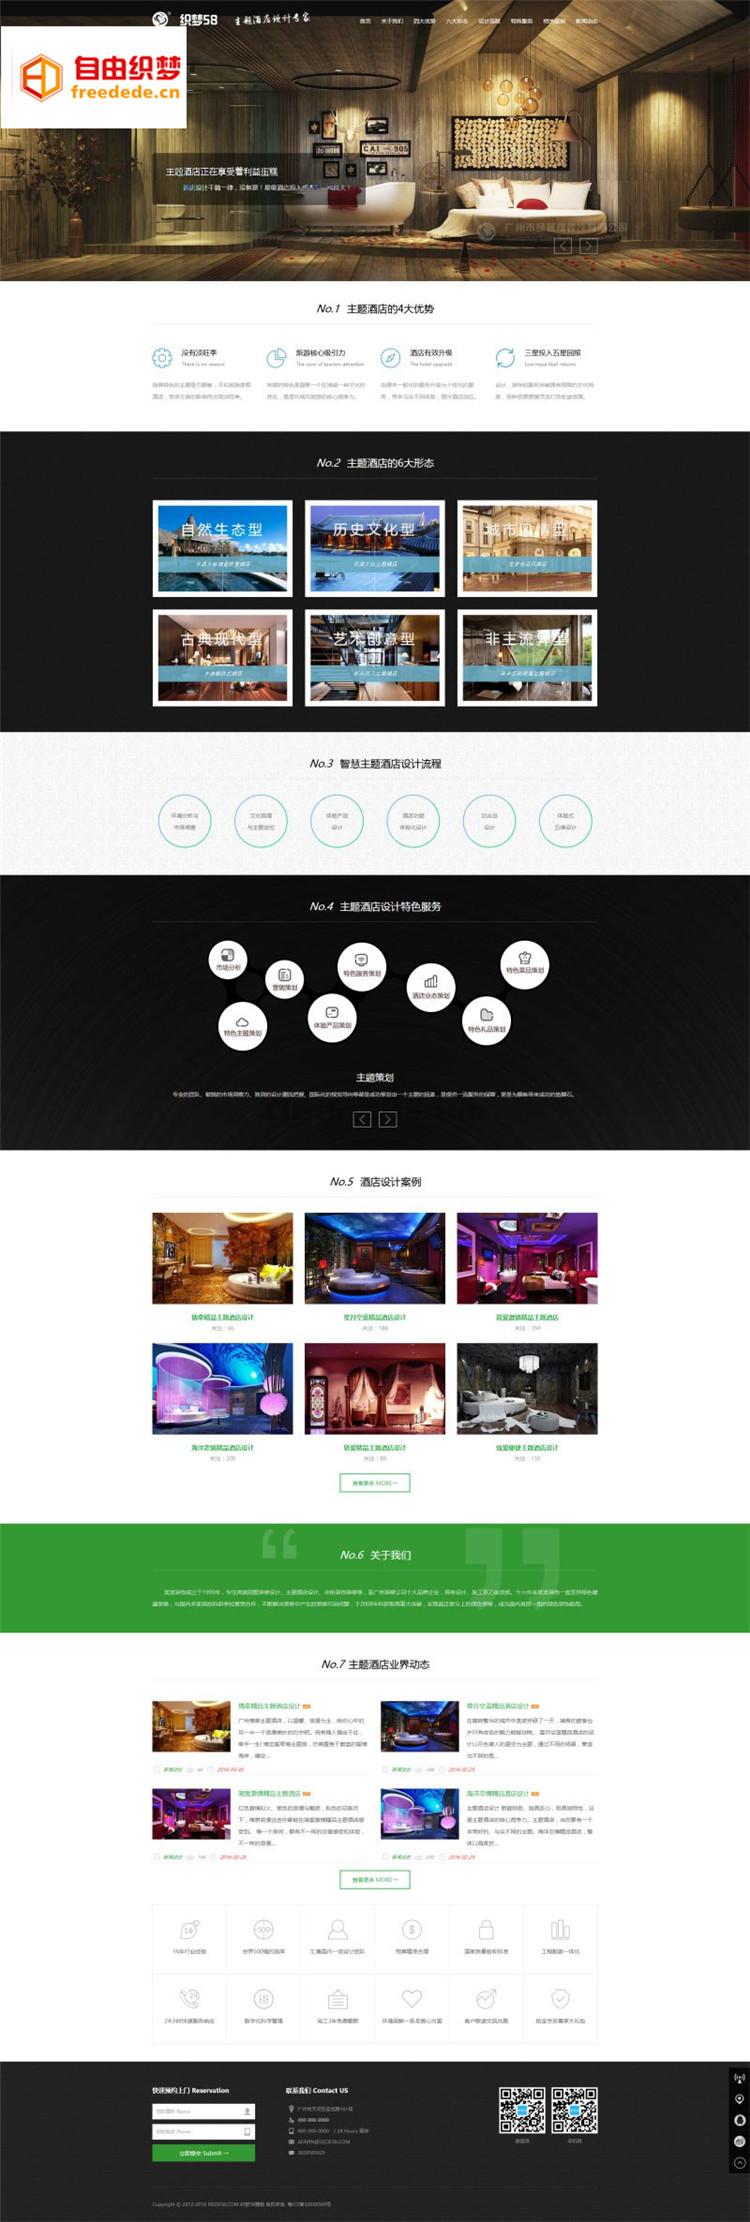 爱上源码网文章HTML5响应式自适应酒店设计室内装饰公司网站织梦模板(带筛选)营销型整站源码下载的内容插图